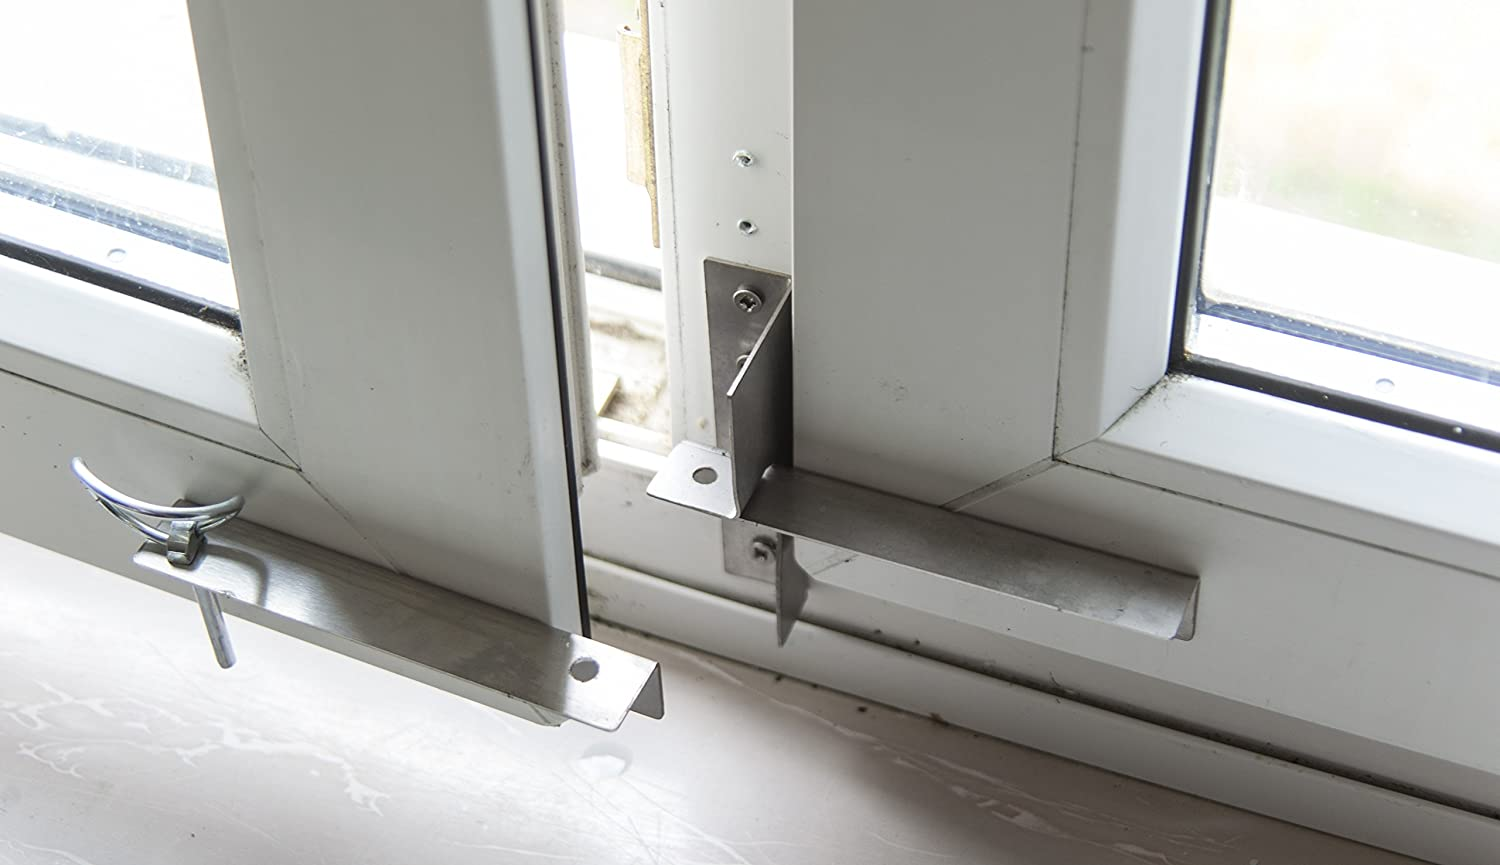 Fenstersicherung f/ür alle handels/üblichen Doppel-Holzfenster und KunststofffensterEinbruchsicherung